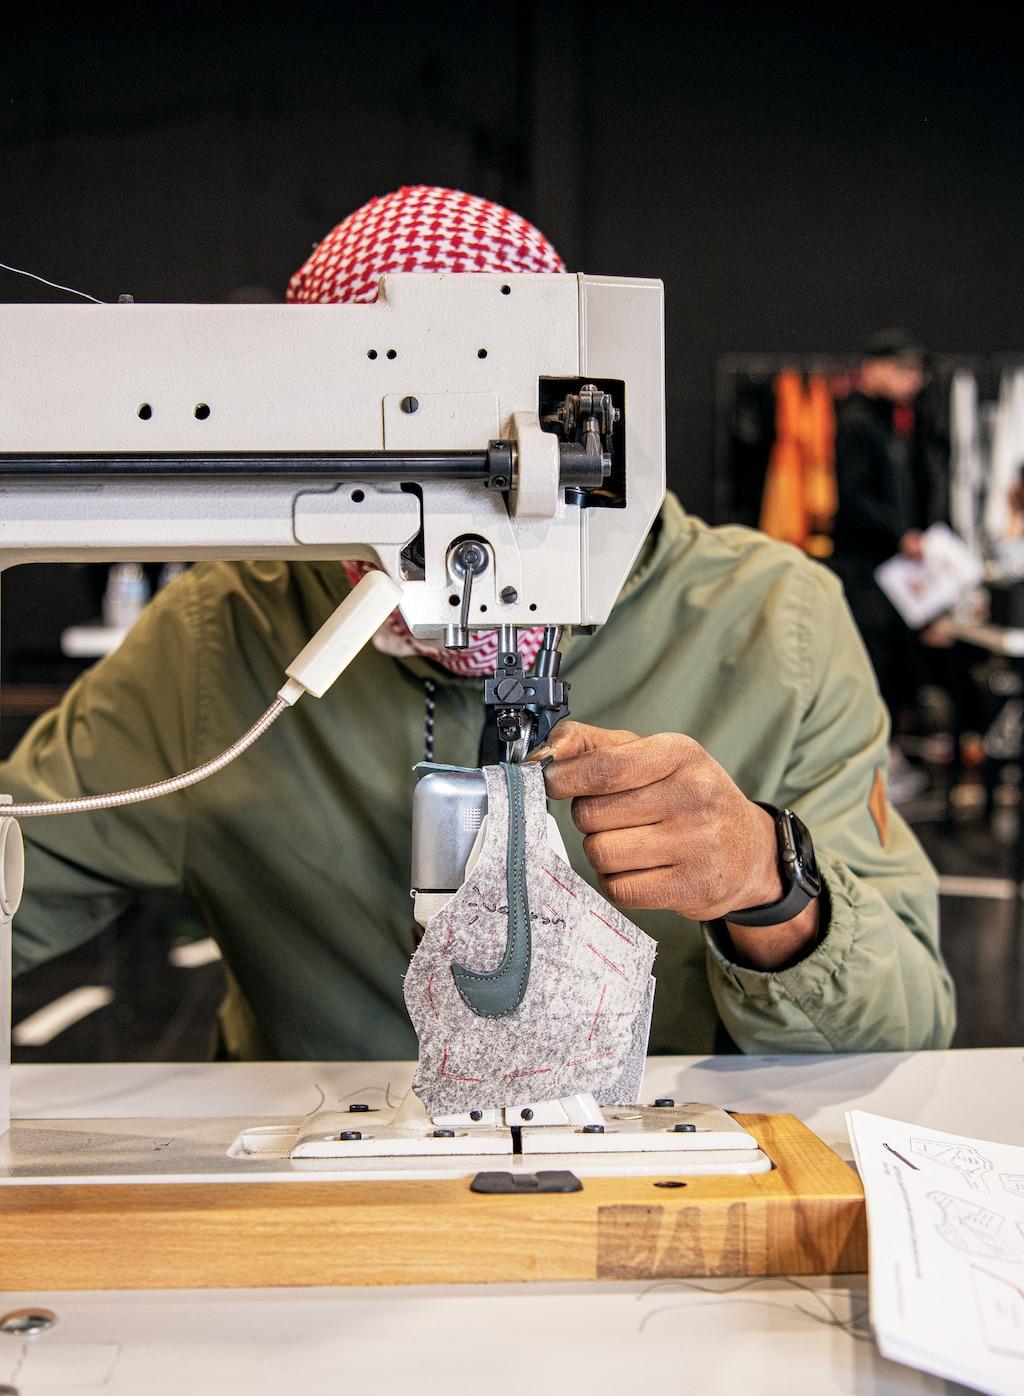 Una persona usando una bandana a cuadros rojos y blancos y una camisa verde trabaja en una máquina de coser industrial, su rostro queda oculto tras la máquina. En la máquina hay una pieza de tela blanca con un logotipo de Nike verde.